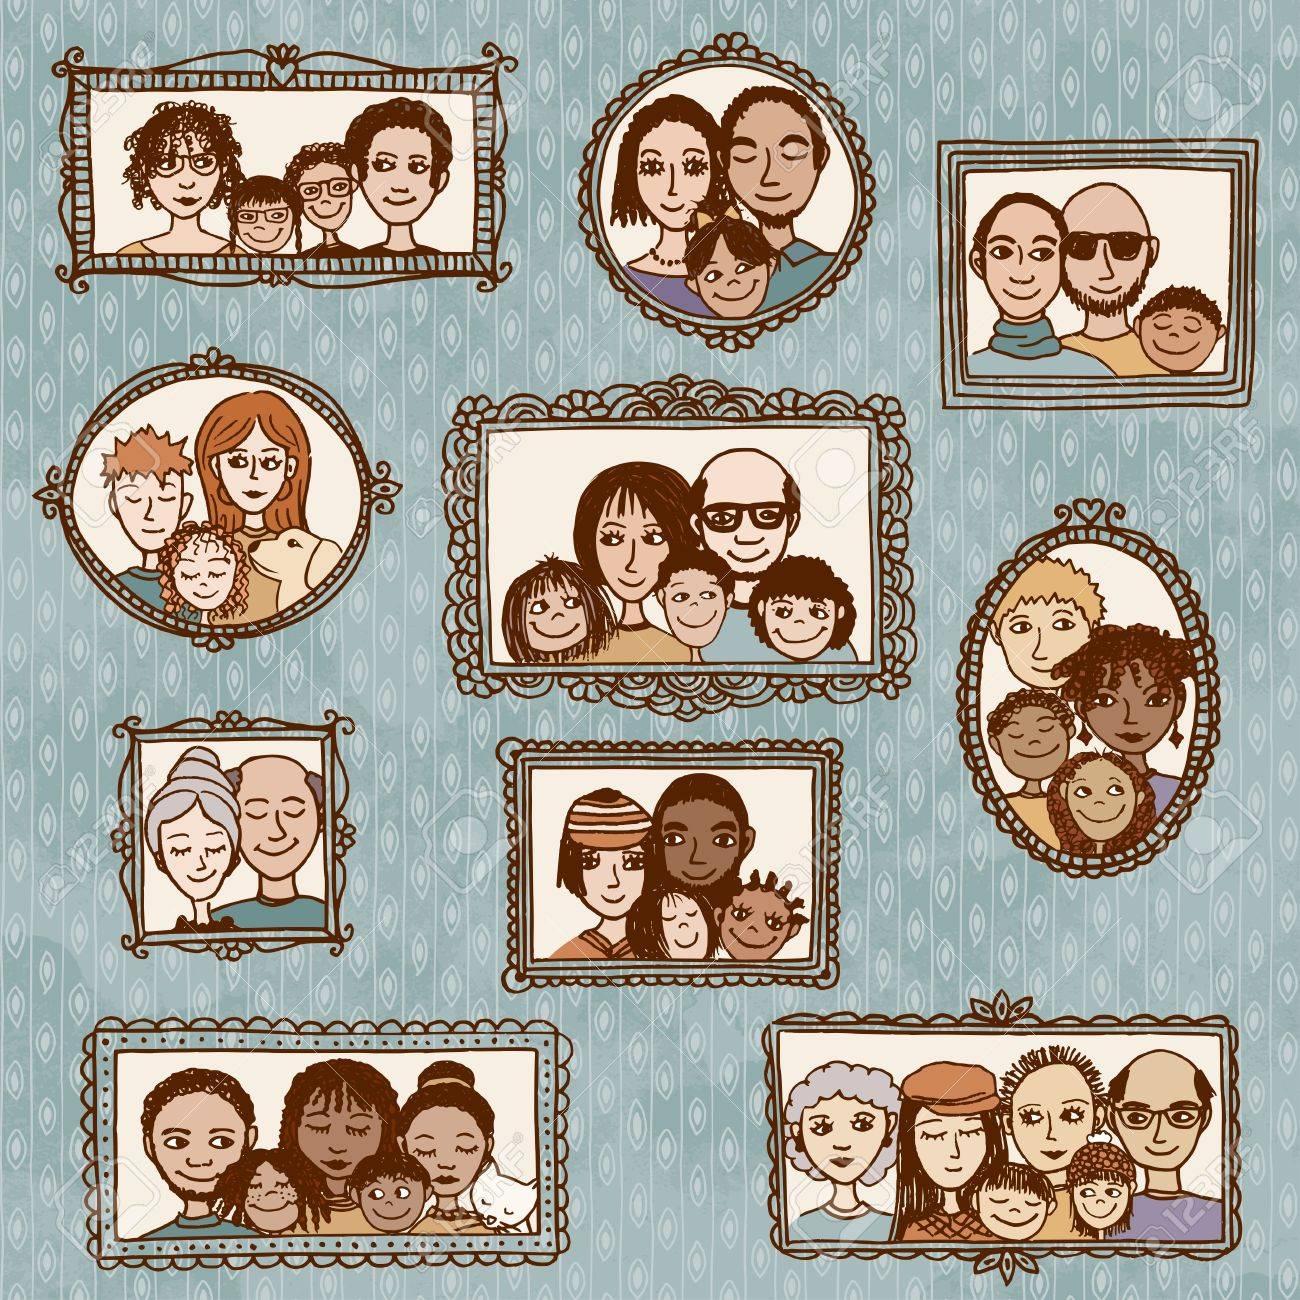 Nette Hand Gezeichnete Bilderrahmen Mit Familienporträts Lizenzfrei ...